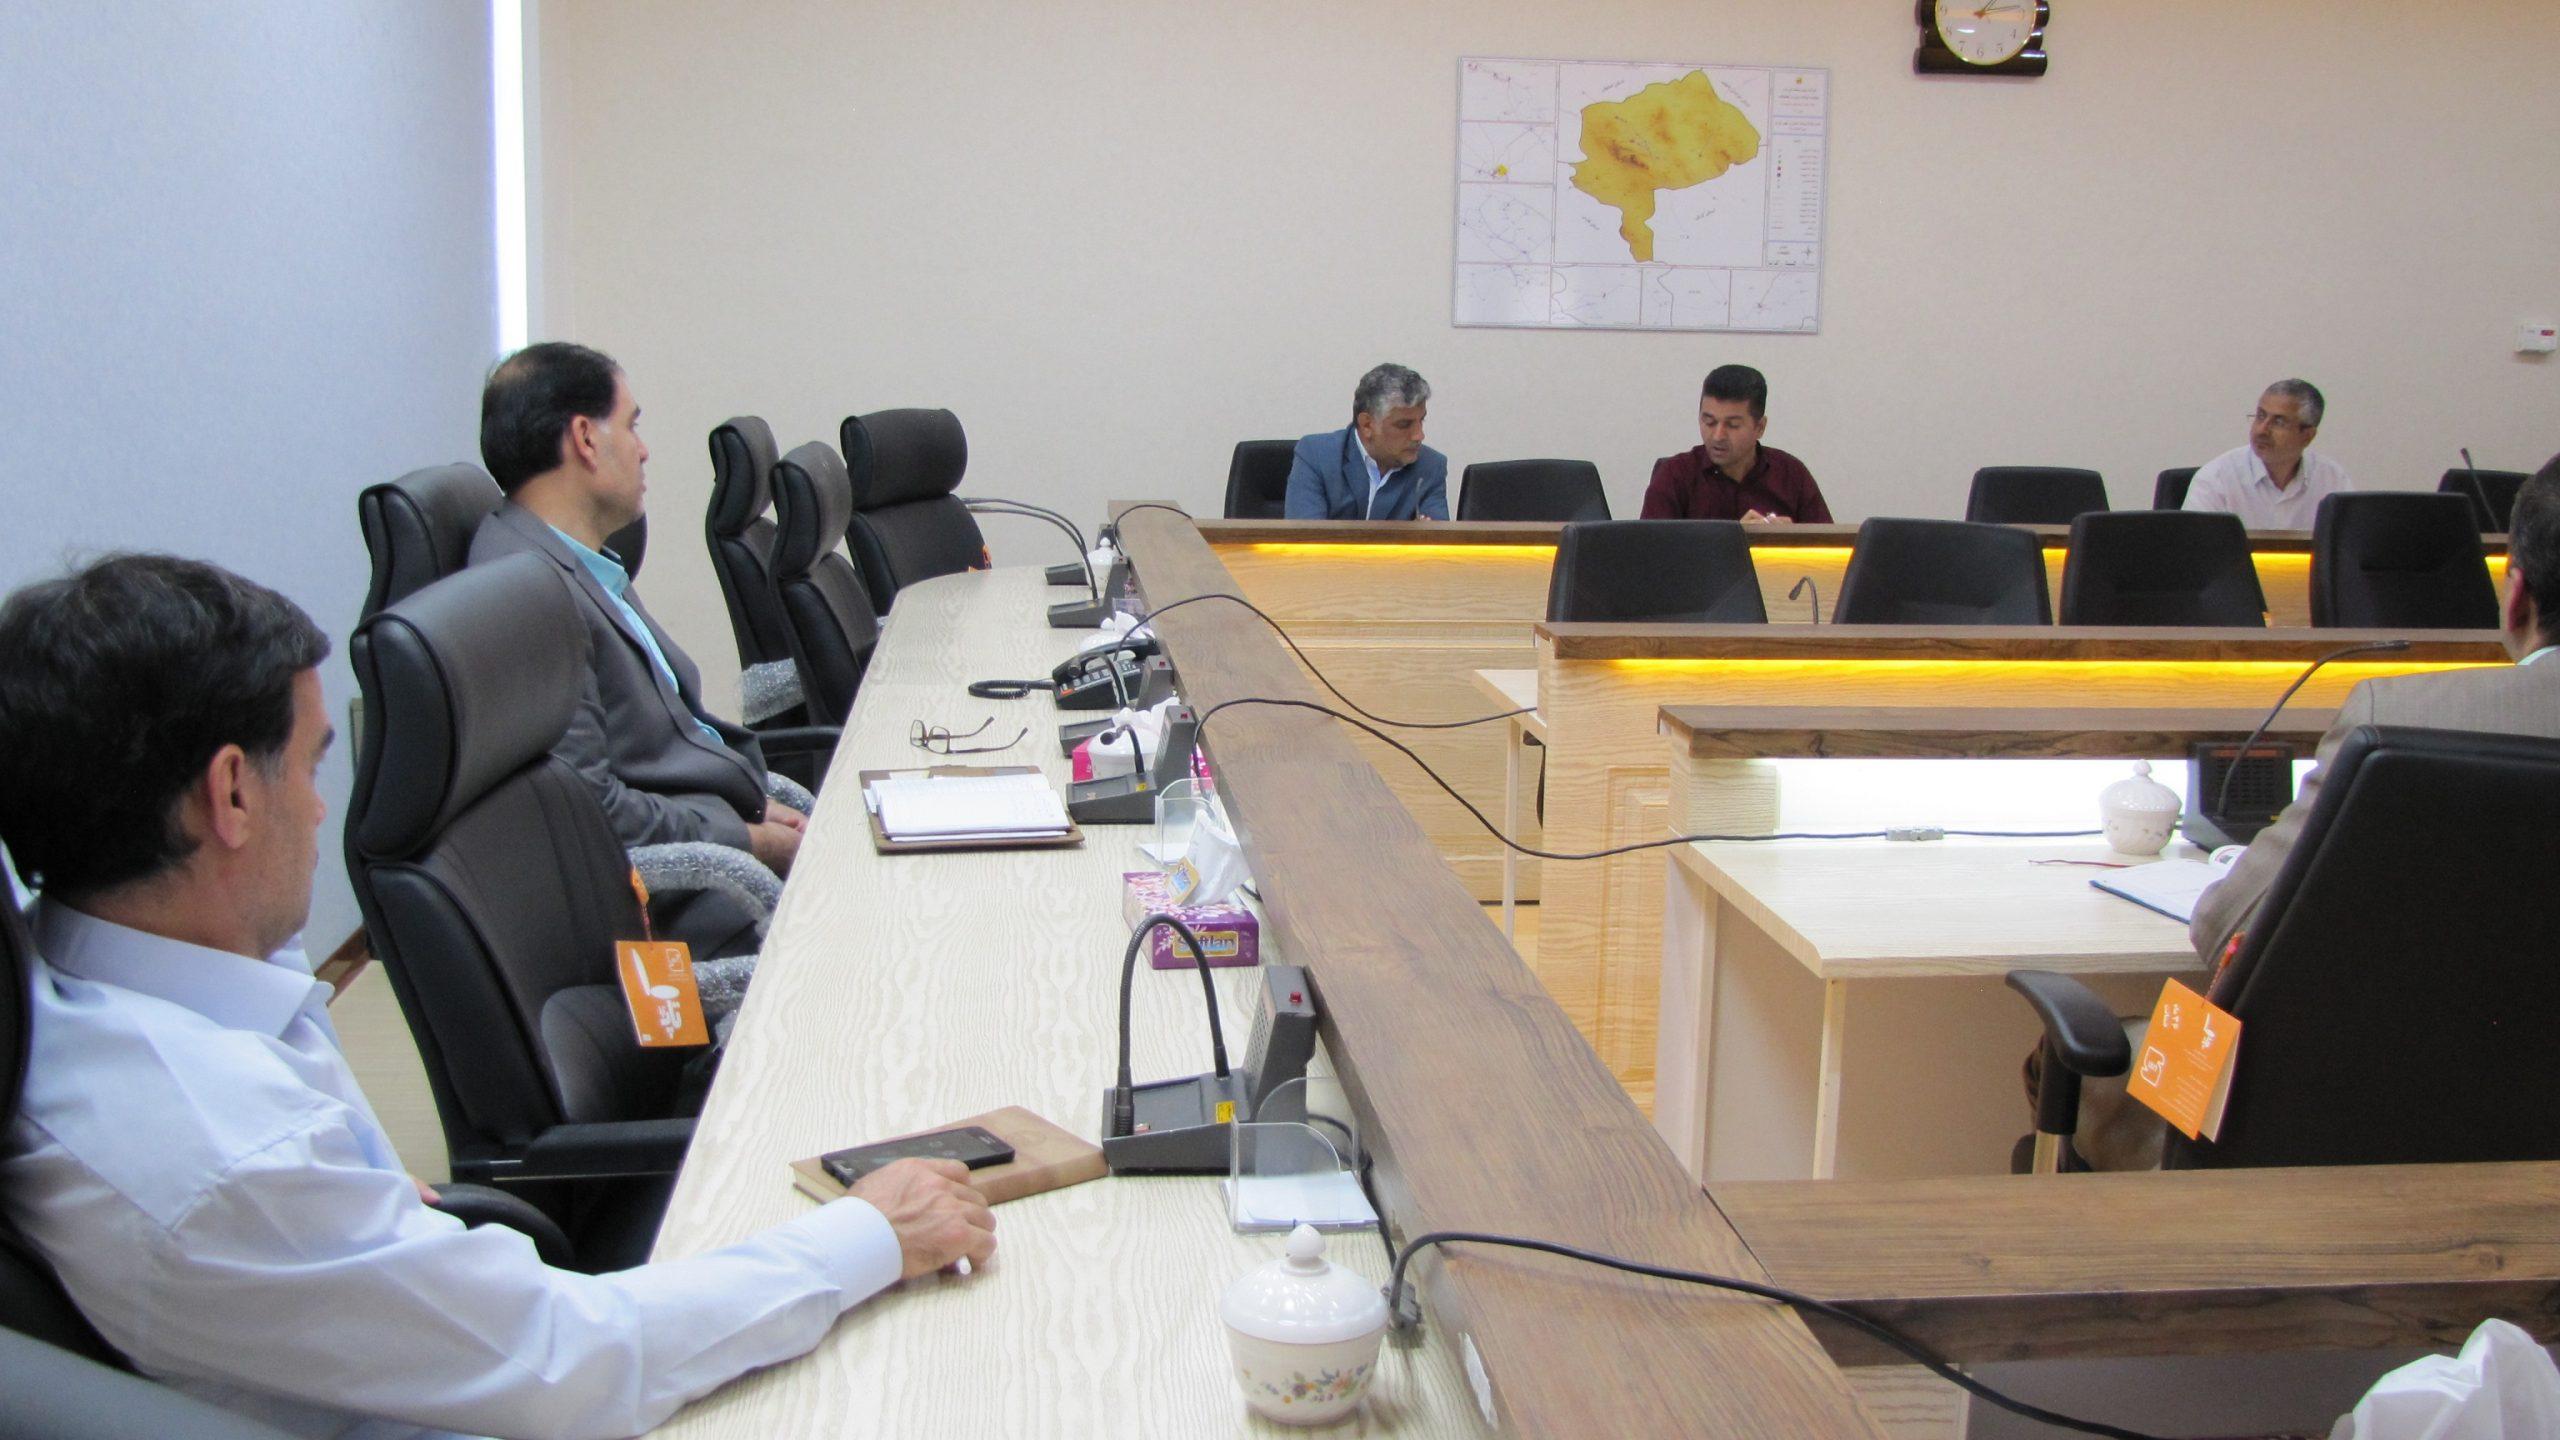 برگزاری جلسه کمیته پیگیری طرحهای برق منطقهای یزد